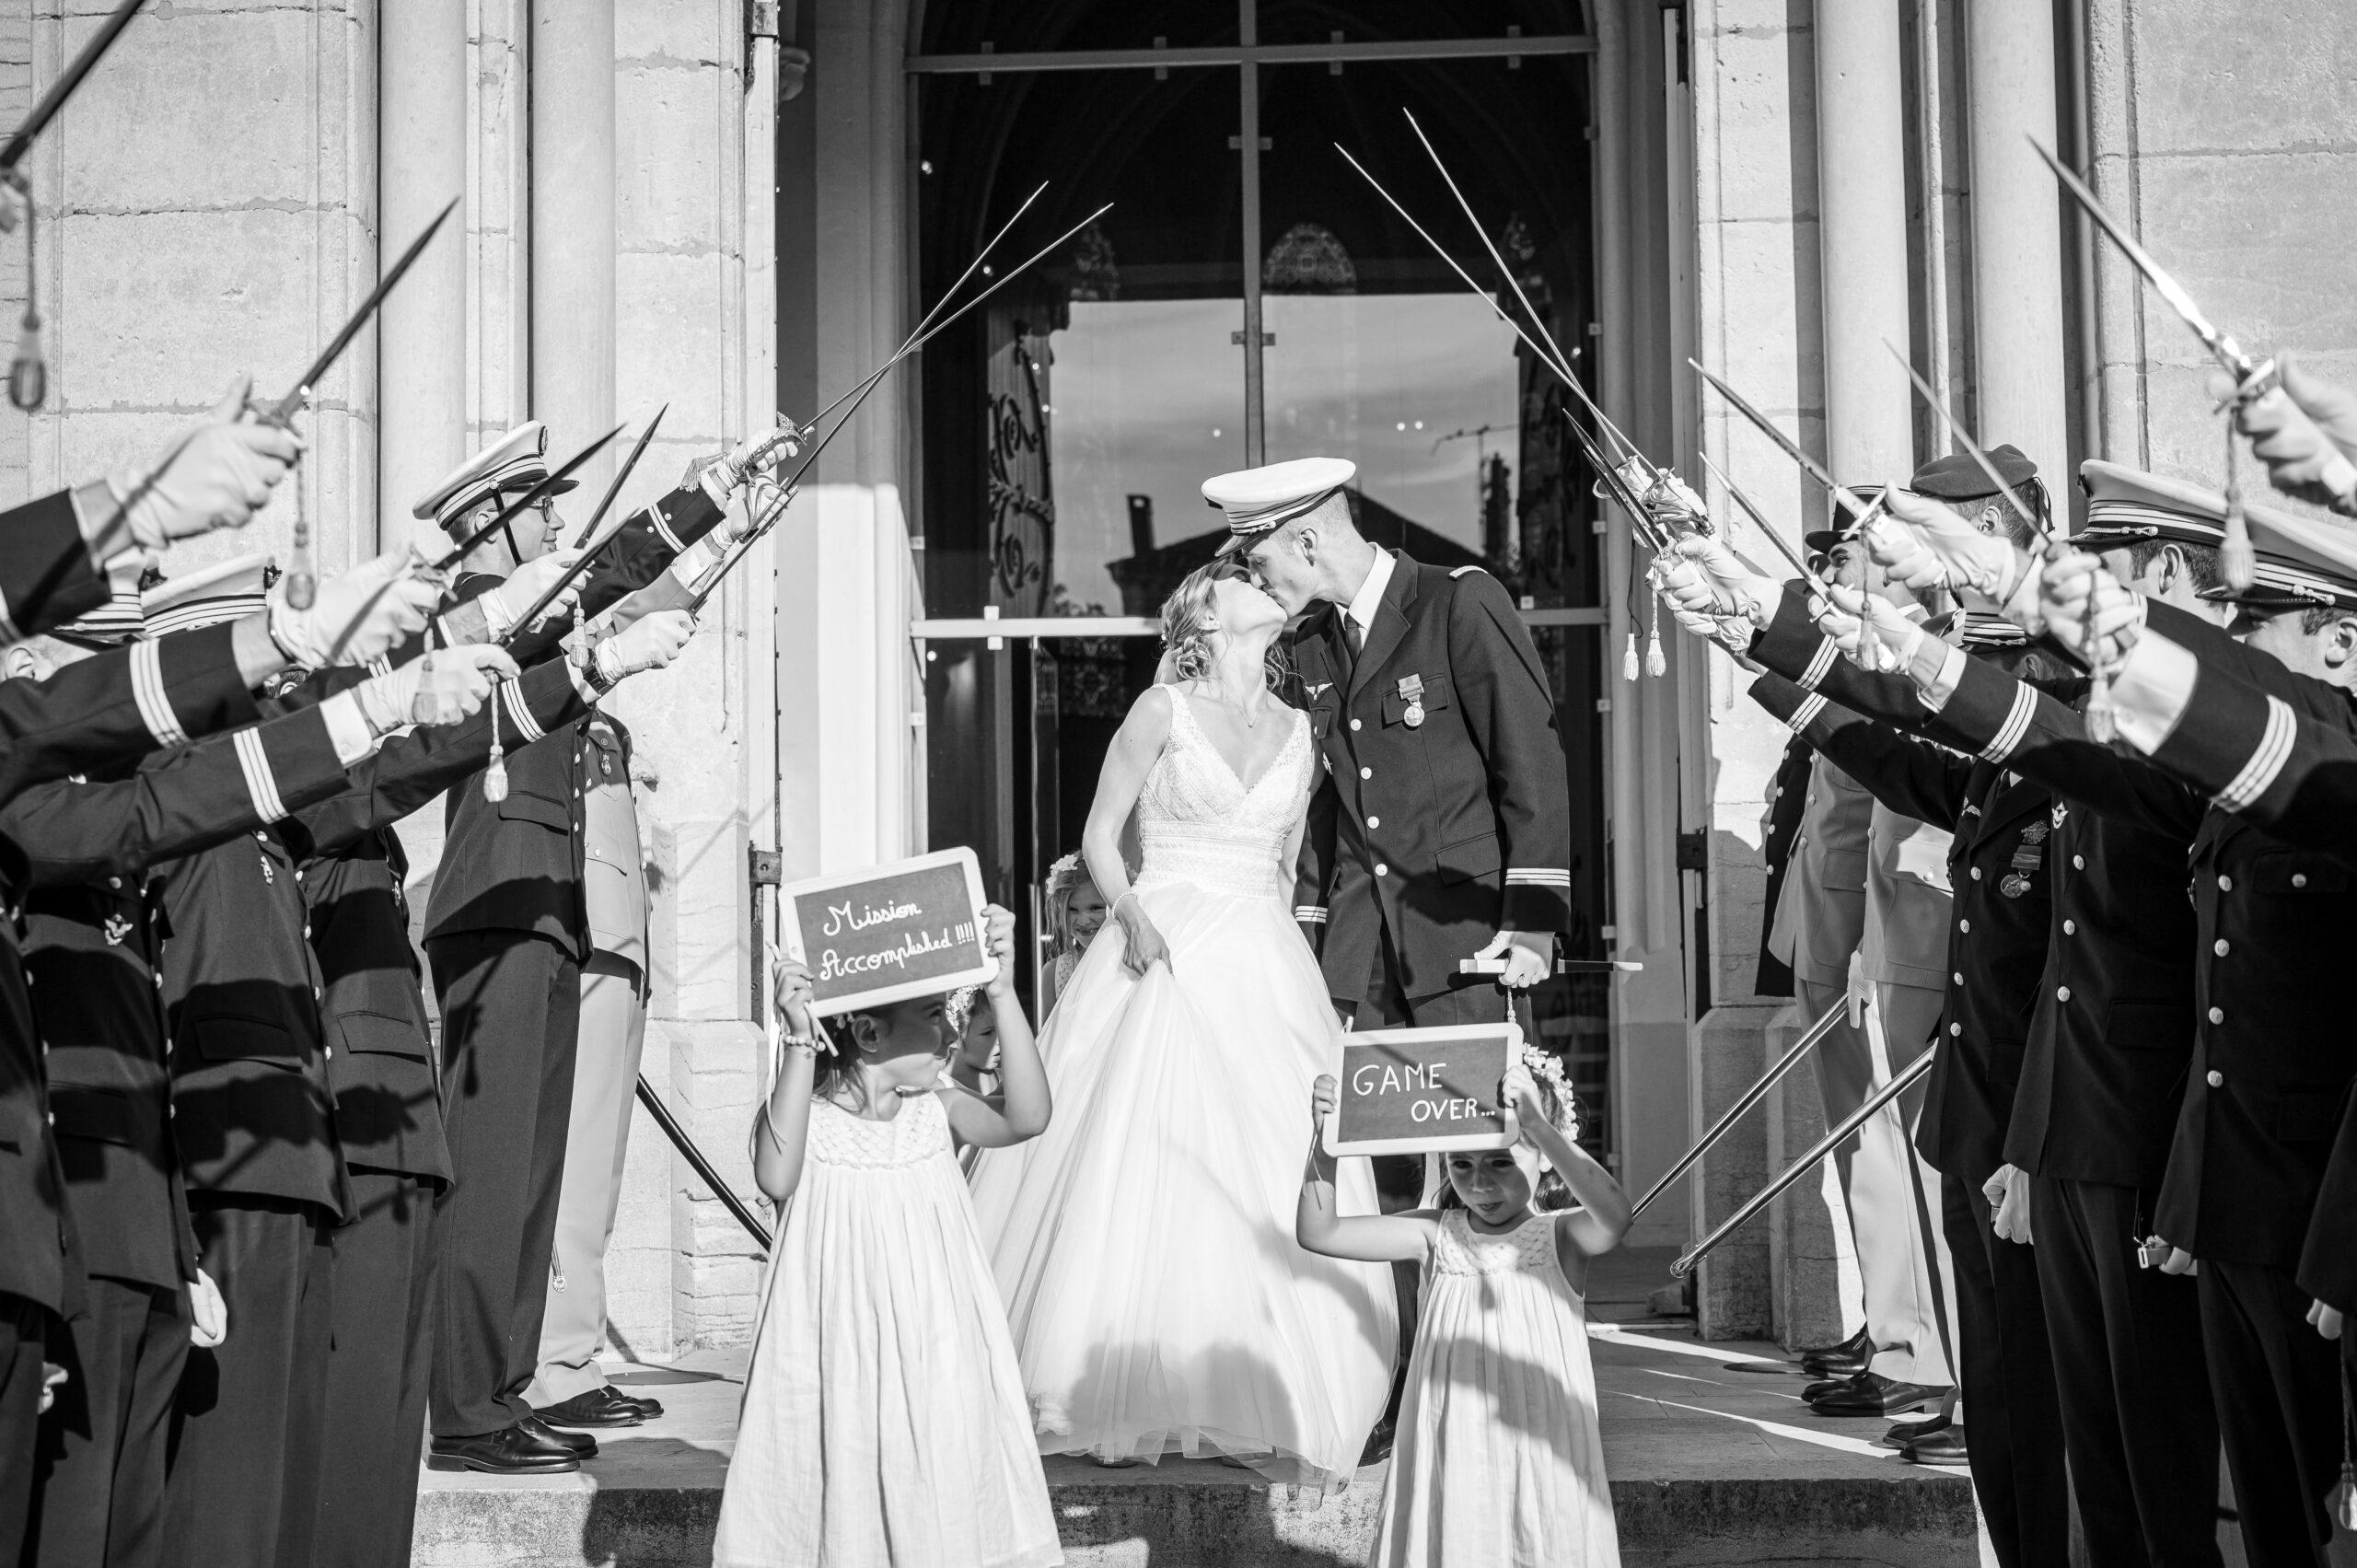 Photo en noir et blanc de la sortie des mariés de la cérémonie religieuse qui s'est déroulée au Perréon, dans le Beaujolais